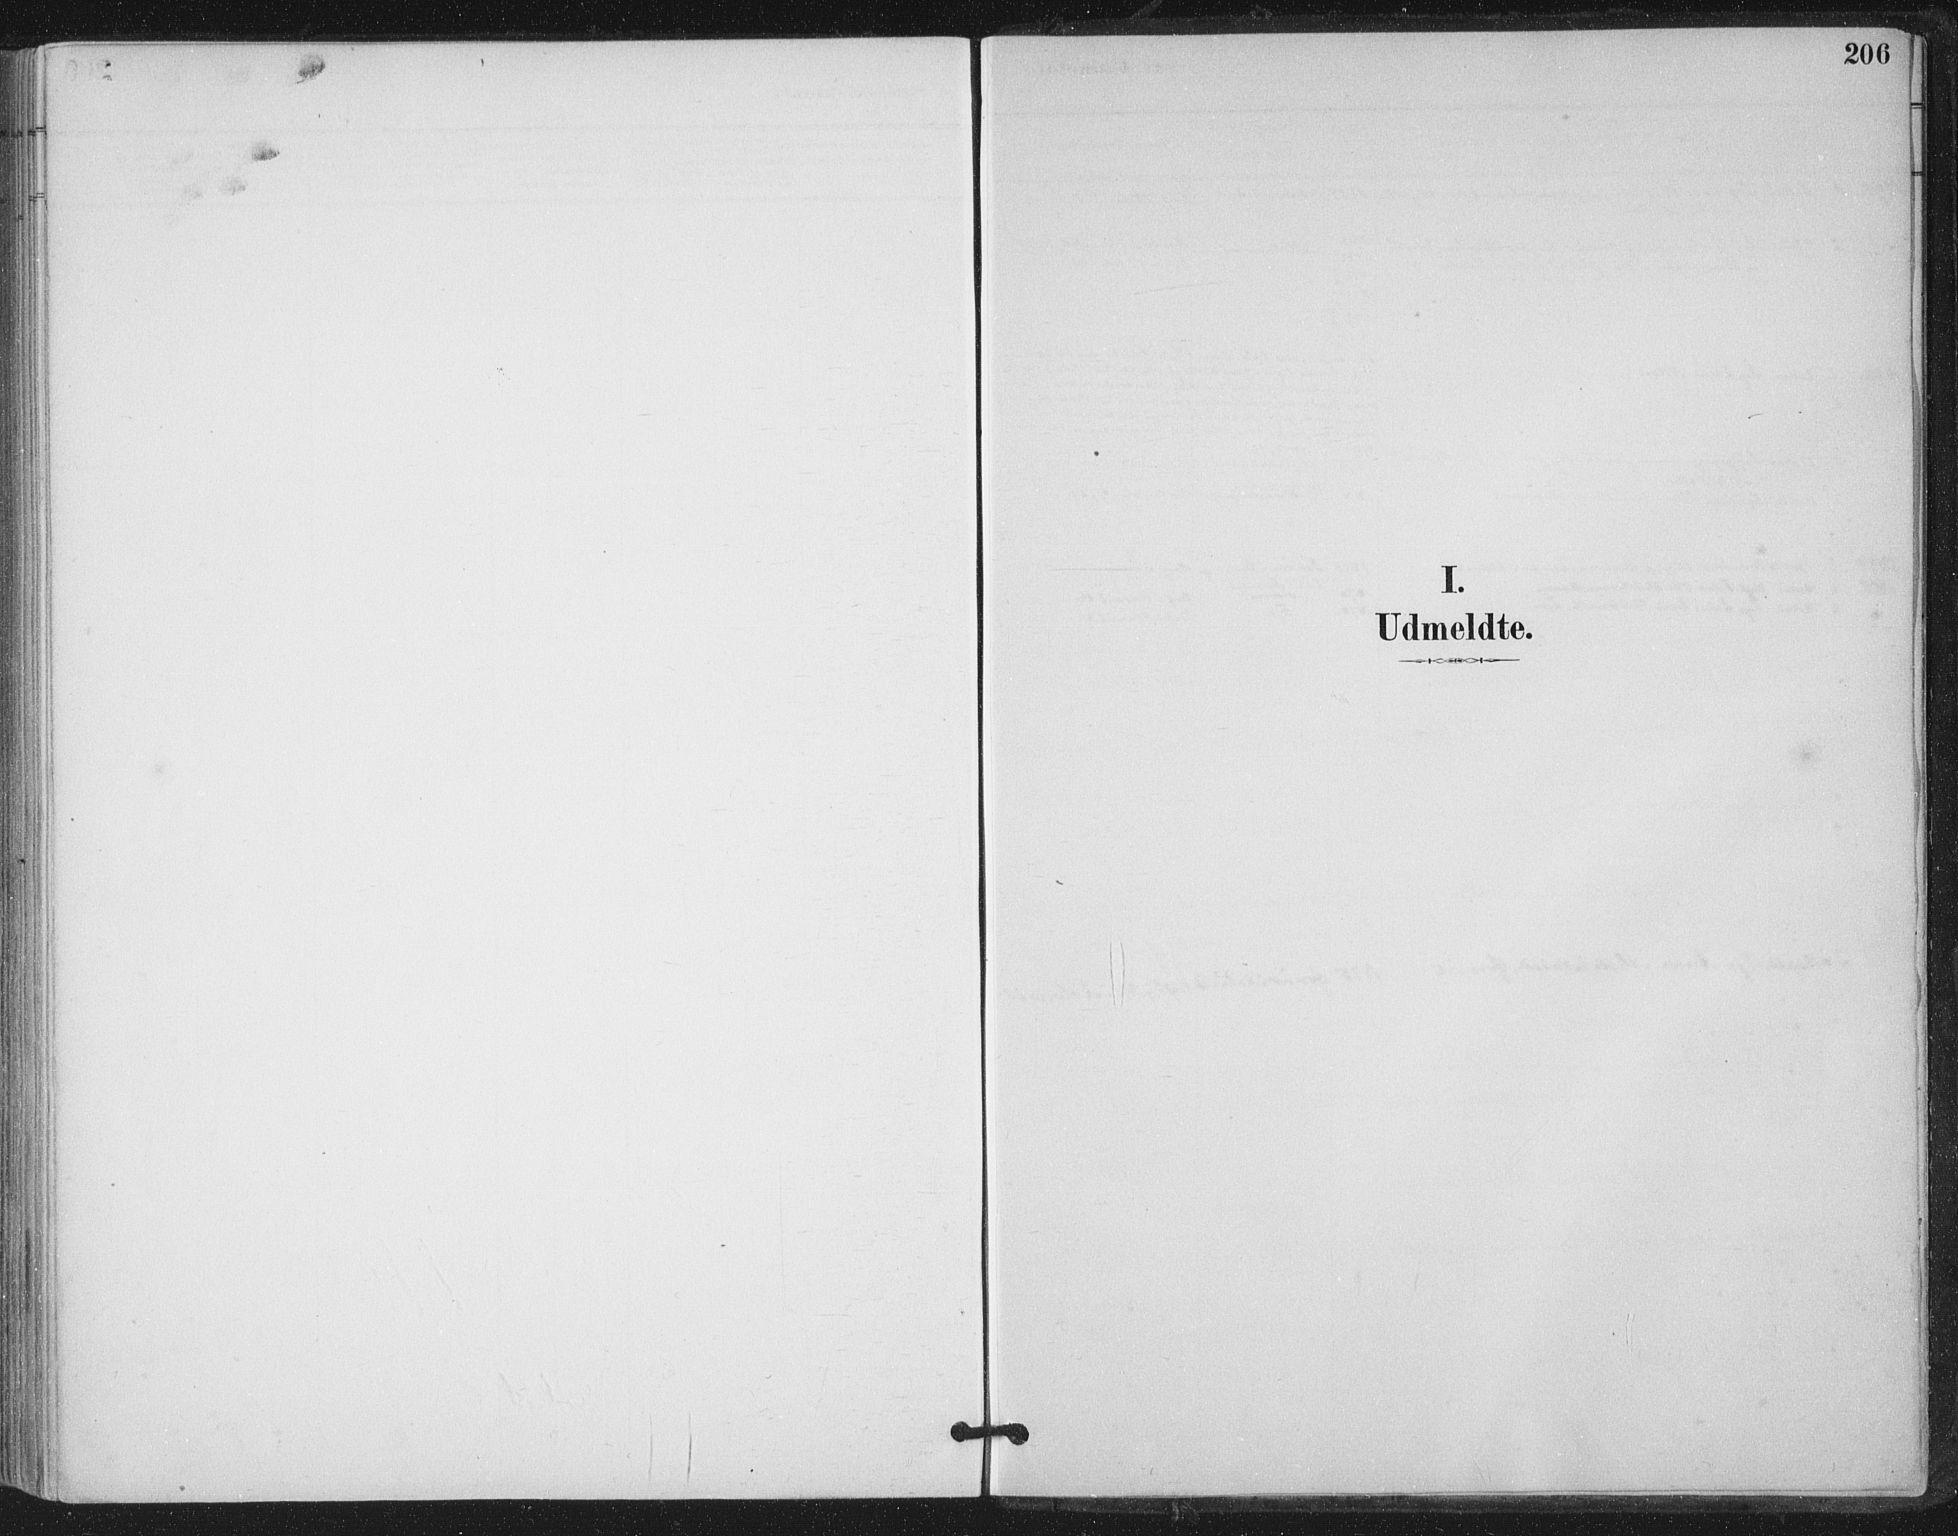 SAT, Ministerialprotokoller, klokkerbøker og fødselsregistre - Nord-Trøndelag, 780/L0644: Ministerialbok nr. 780A08, 1886-1903, s. 206